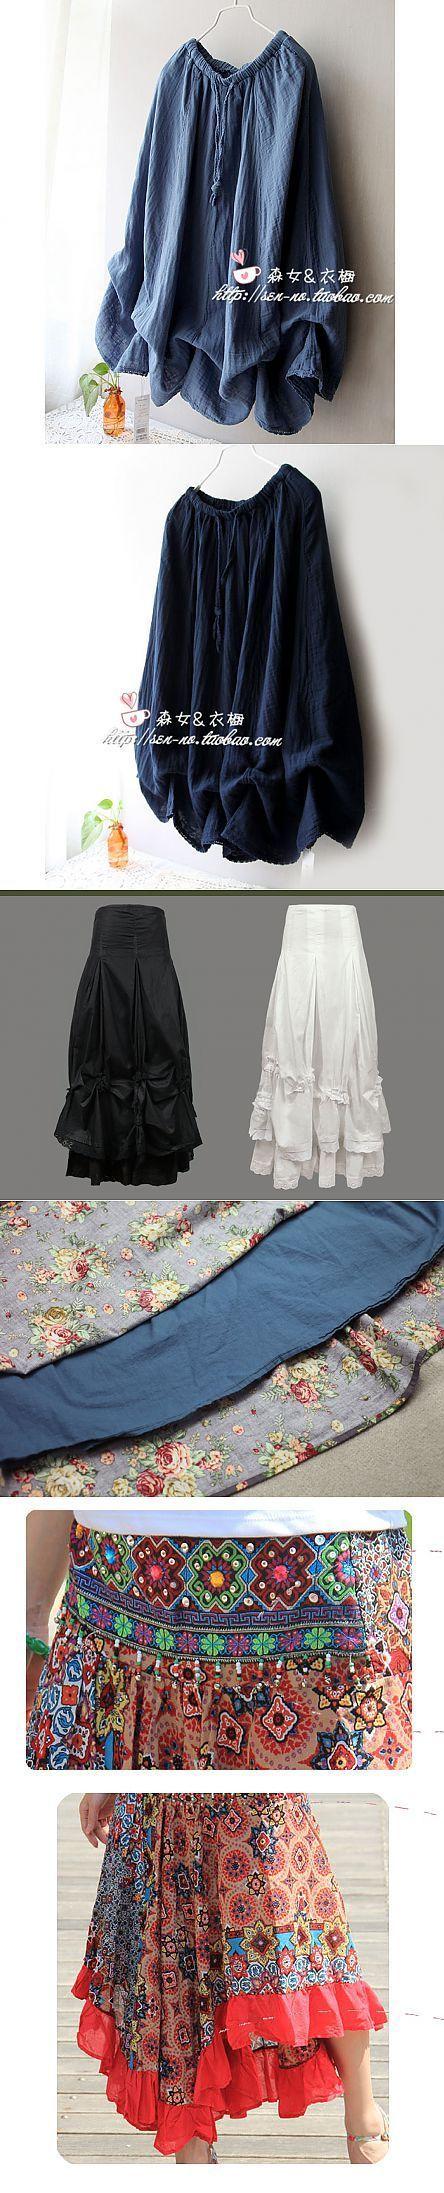 BOHO. Las faldas. Los detalles sabrosos. MR.MS.